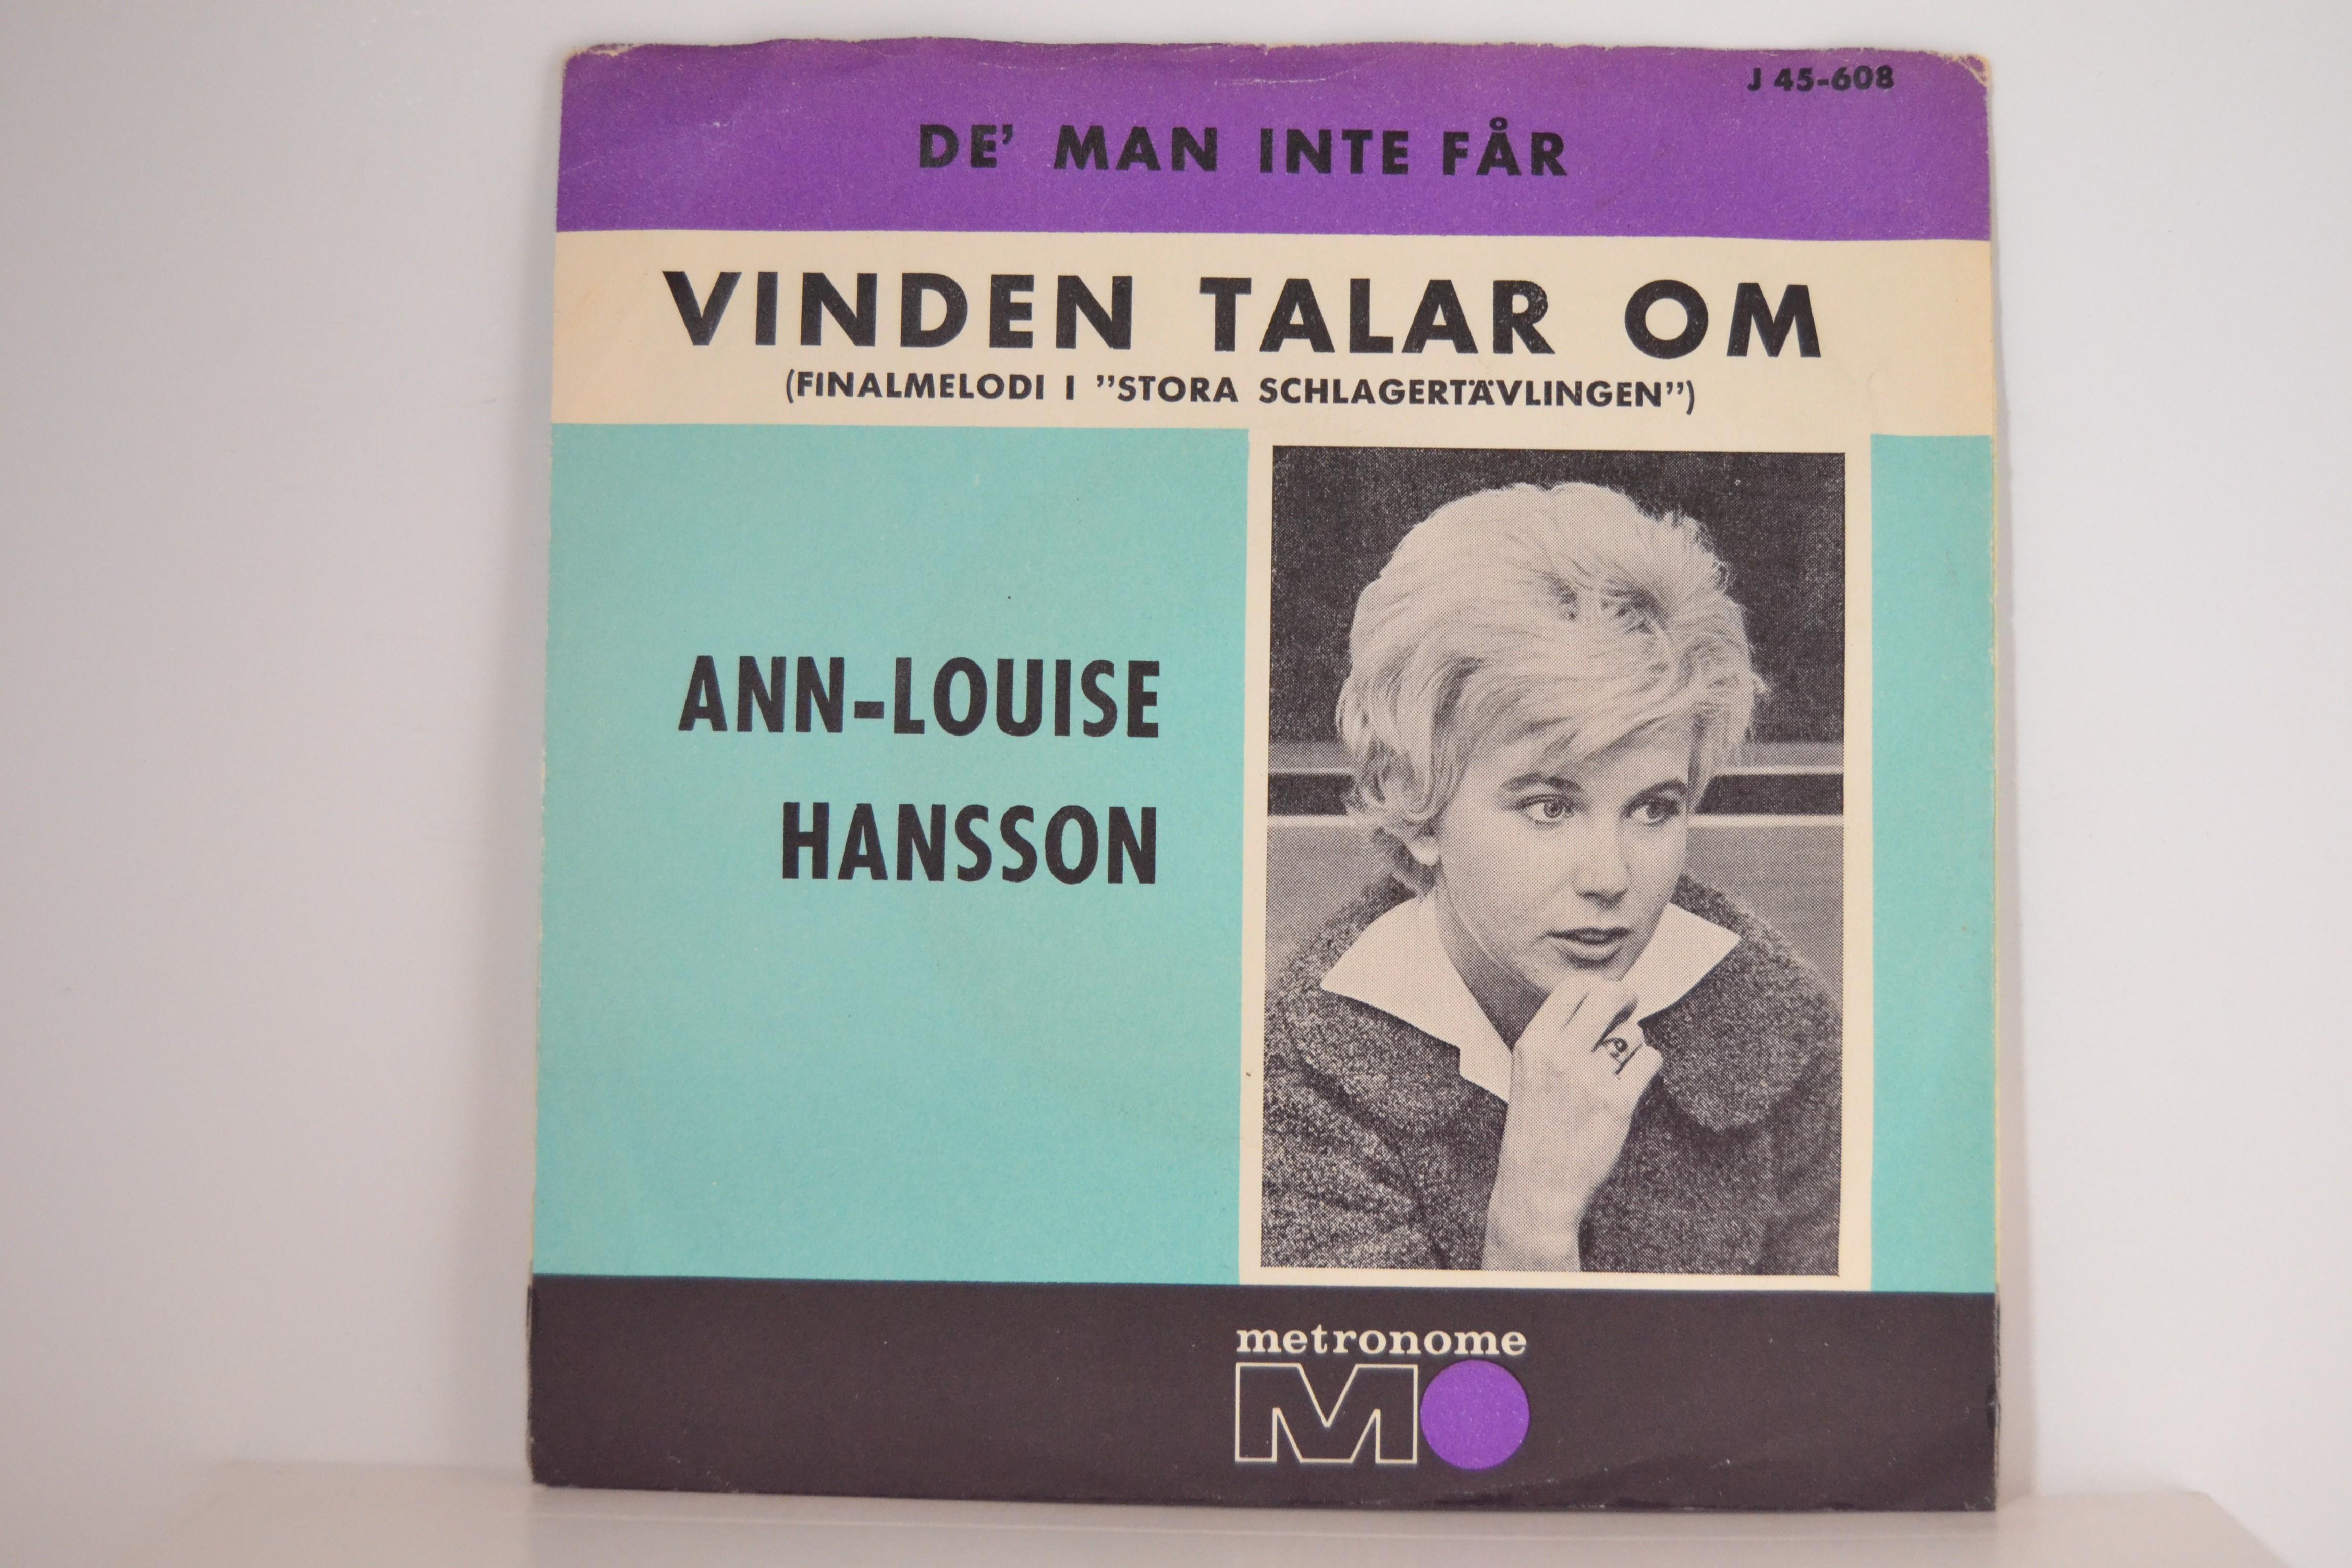 ANN-LOUISE HANSON : De' man inte får / Vinden talar om